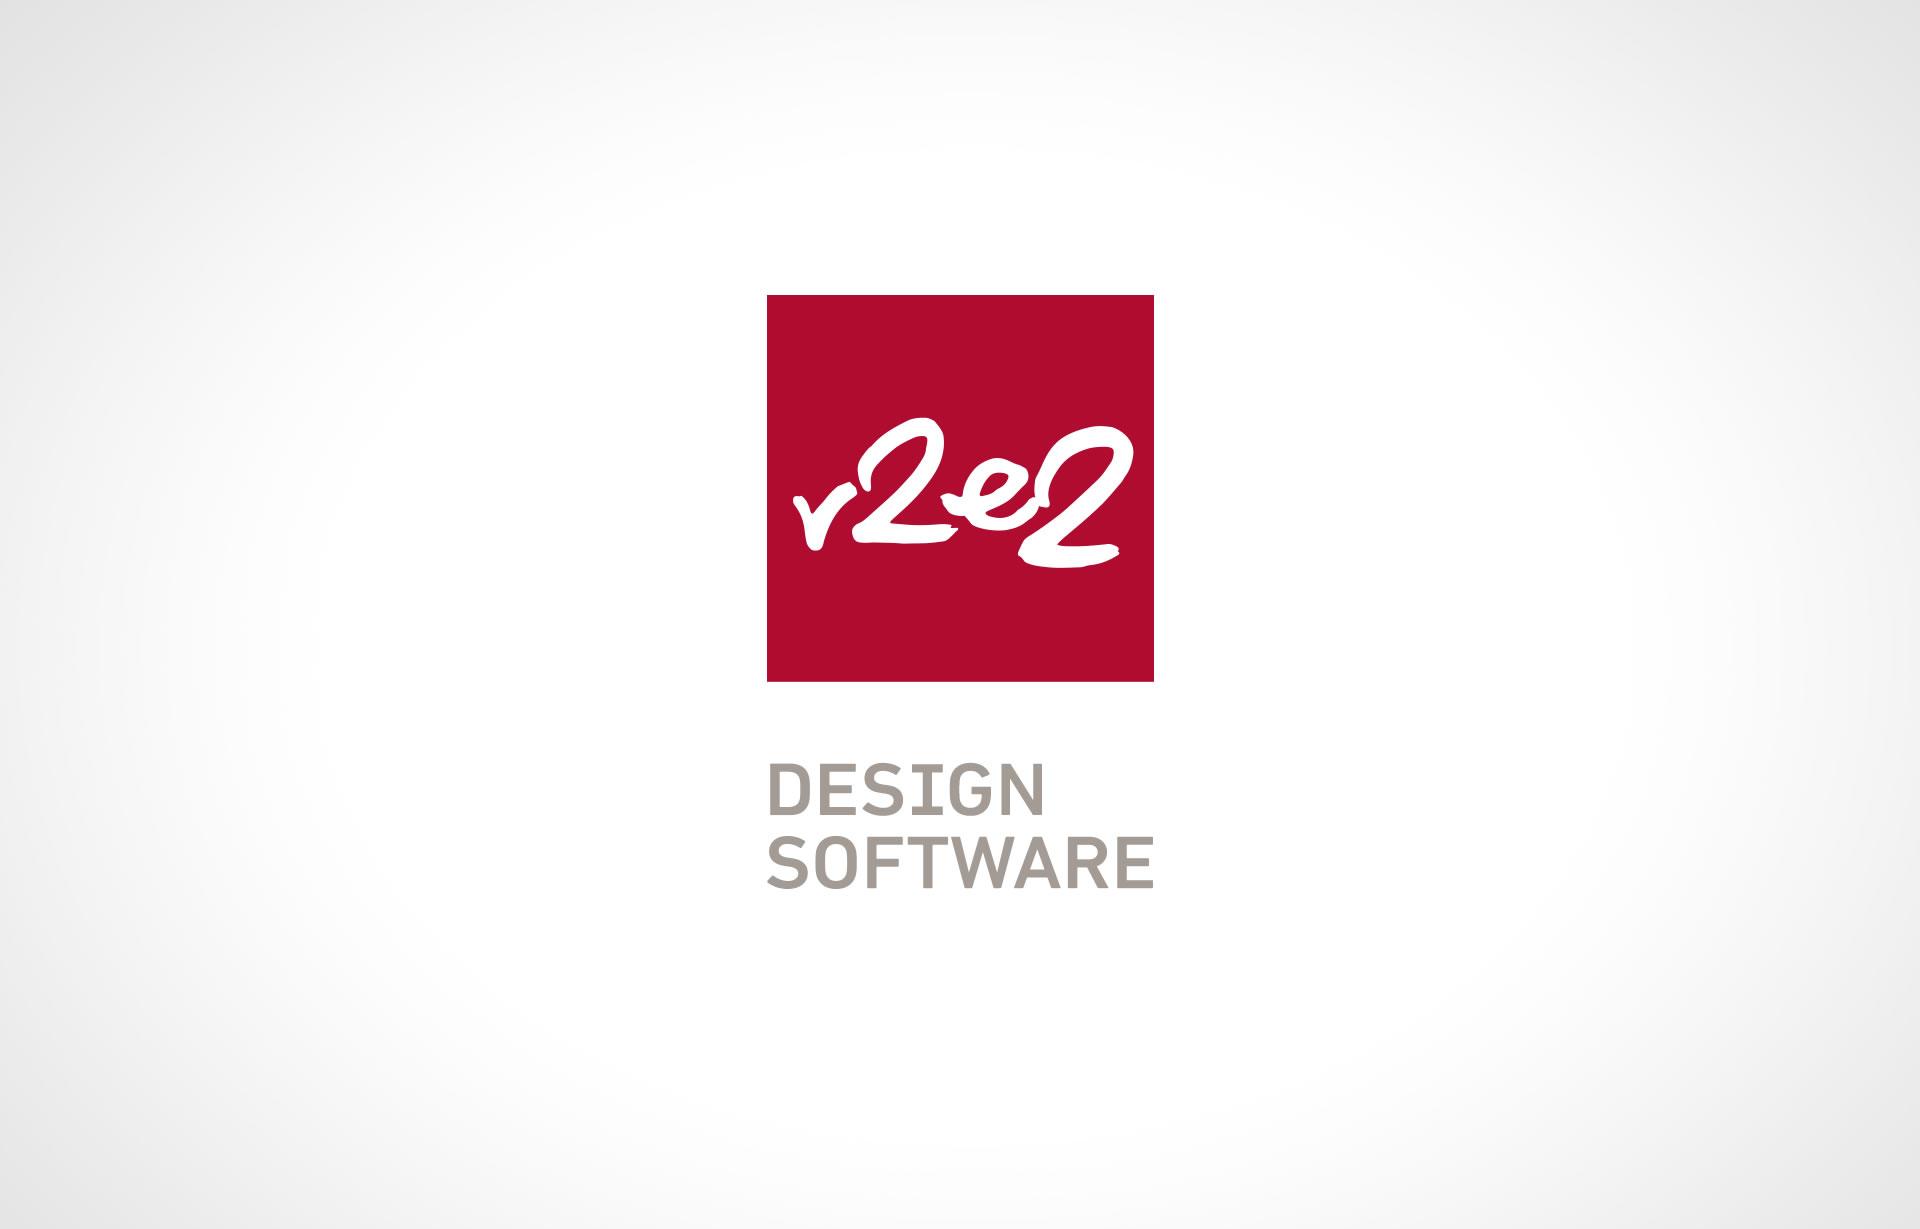 r2e2 design software logo